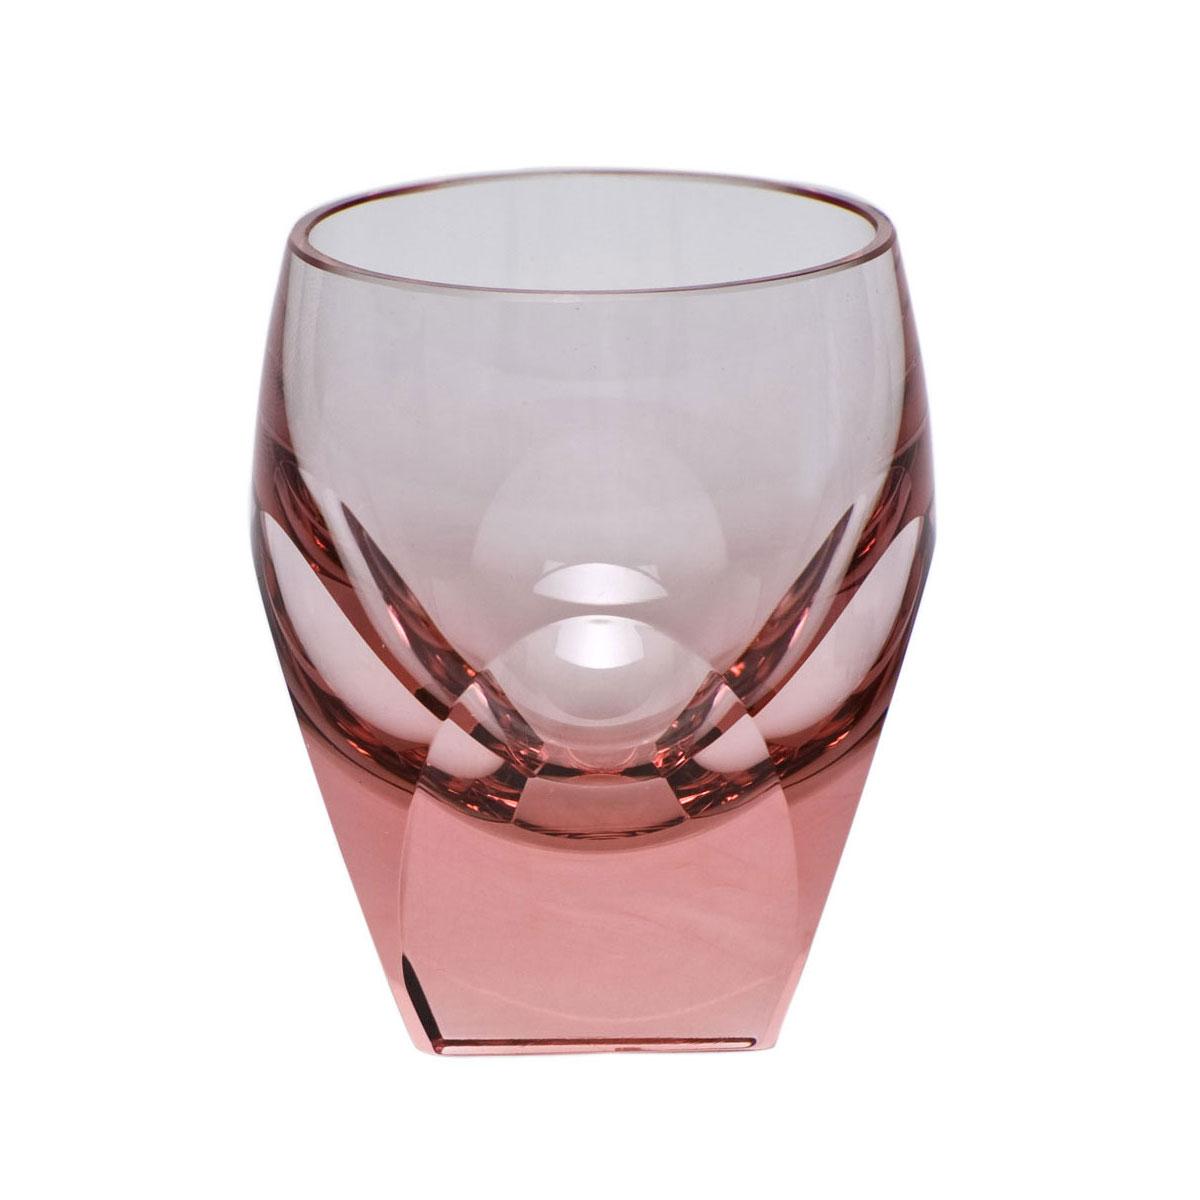 Moser Crystal Bar Shot Glass 1.5 Oz. Rosalin